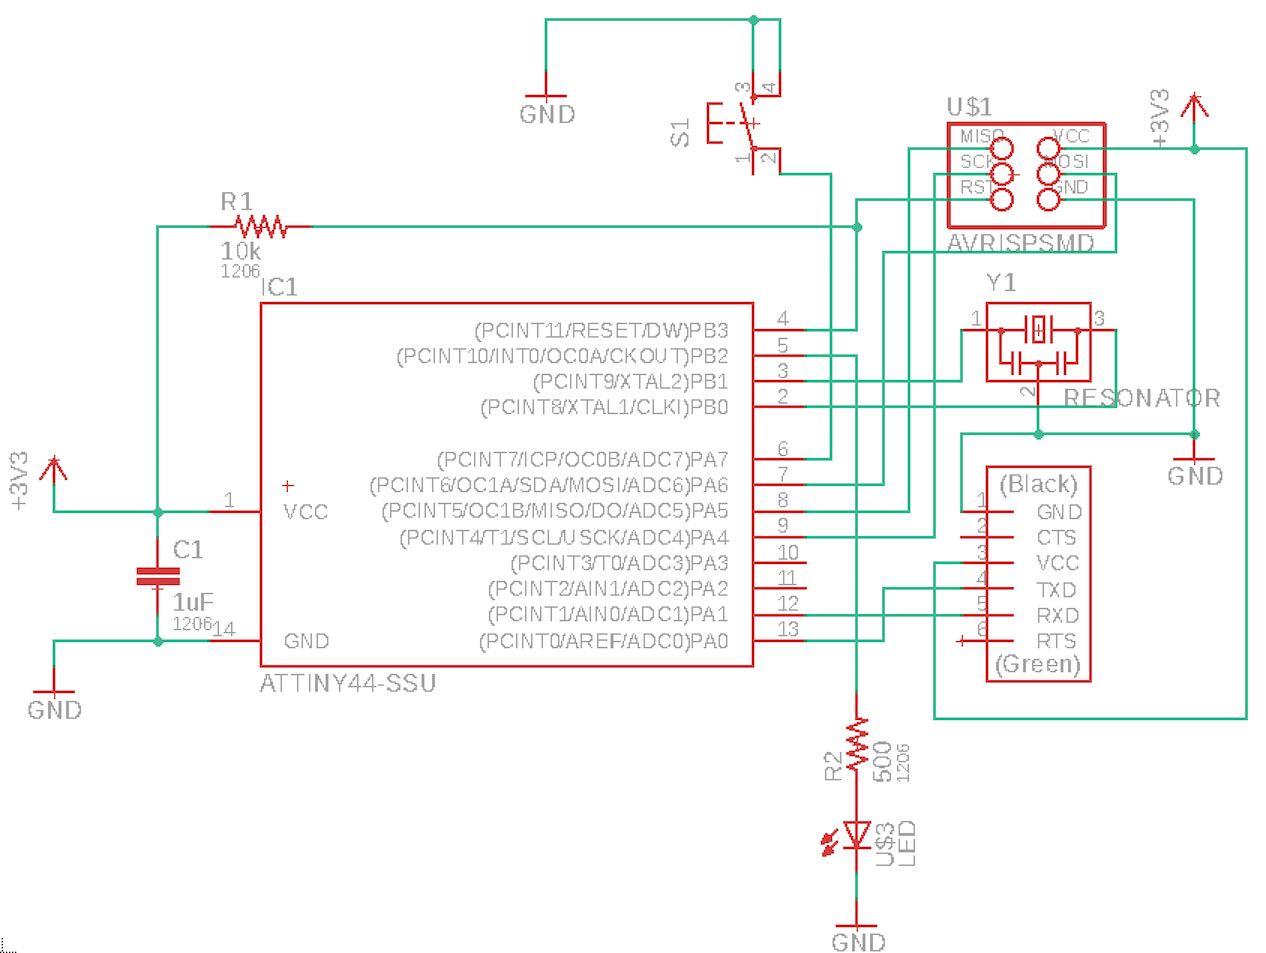 static/img/06_schematic.jpg